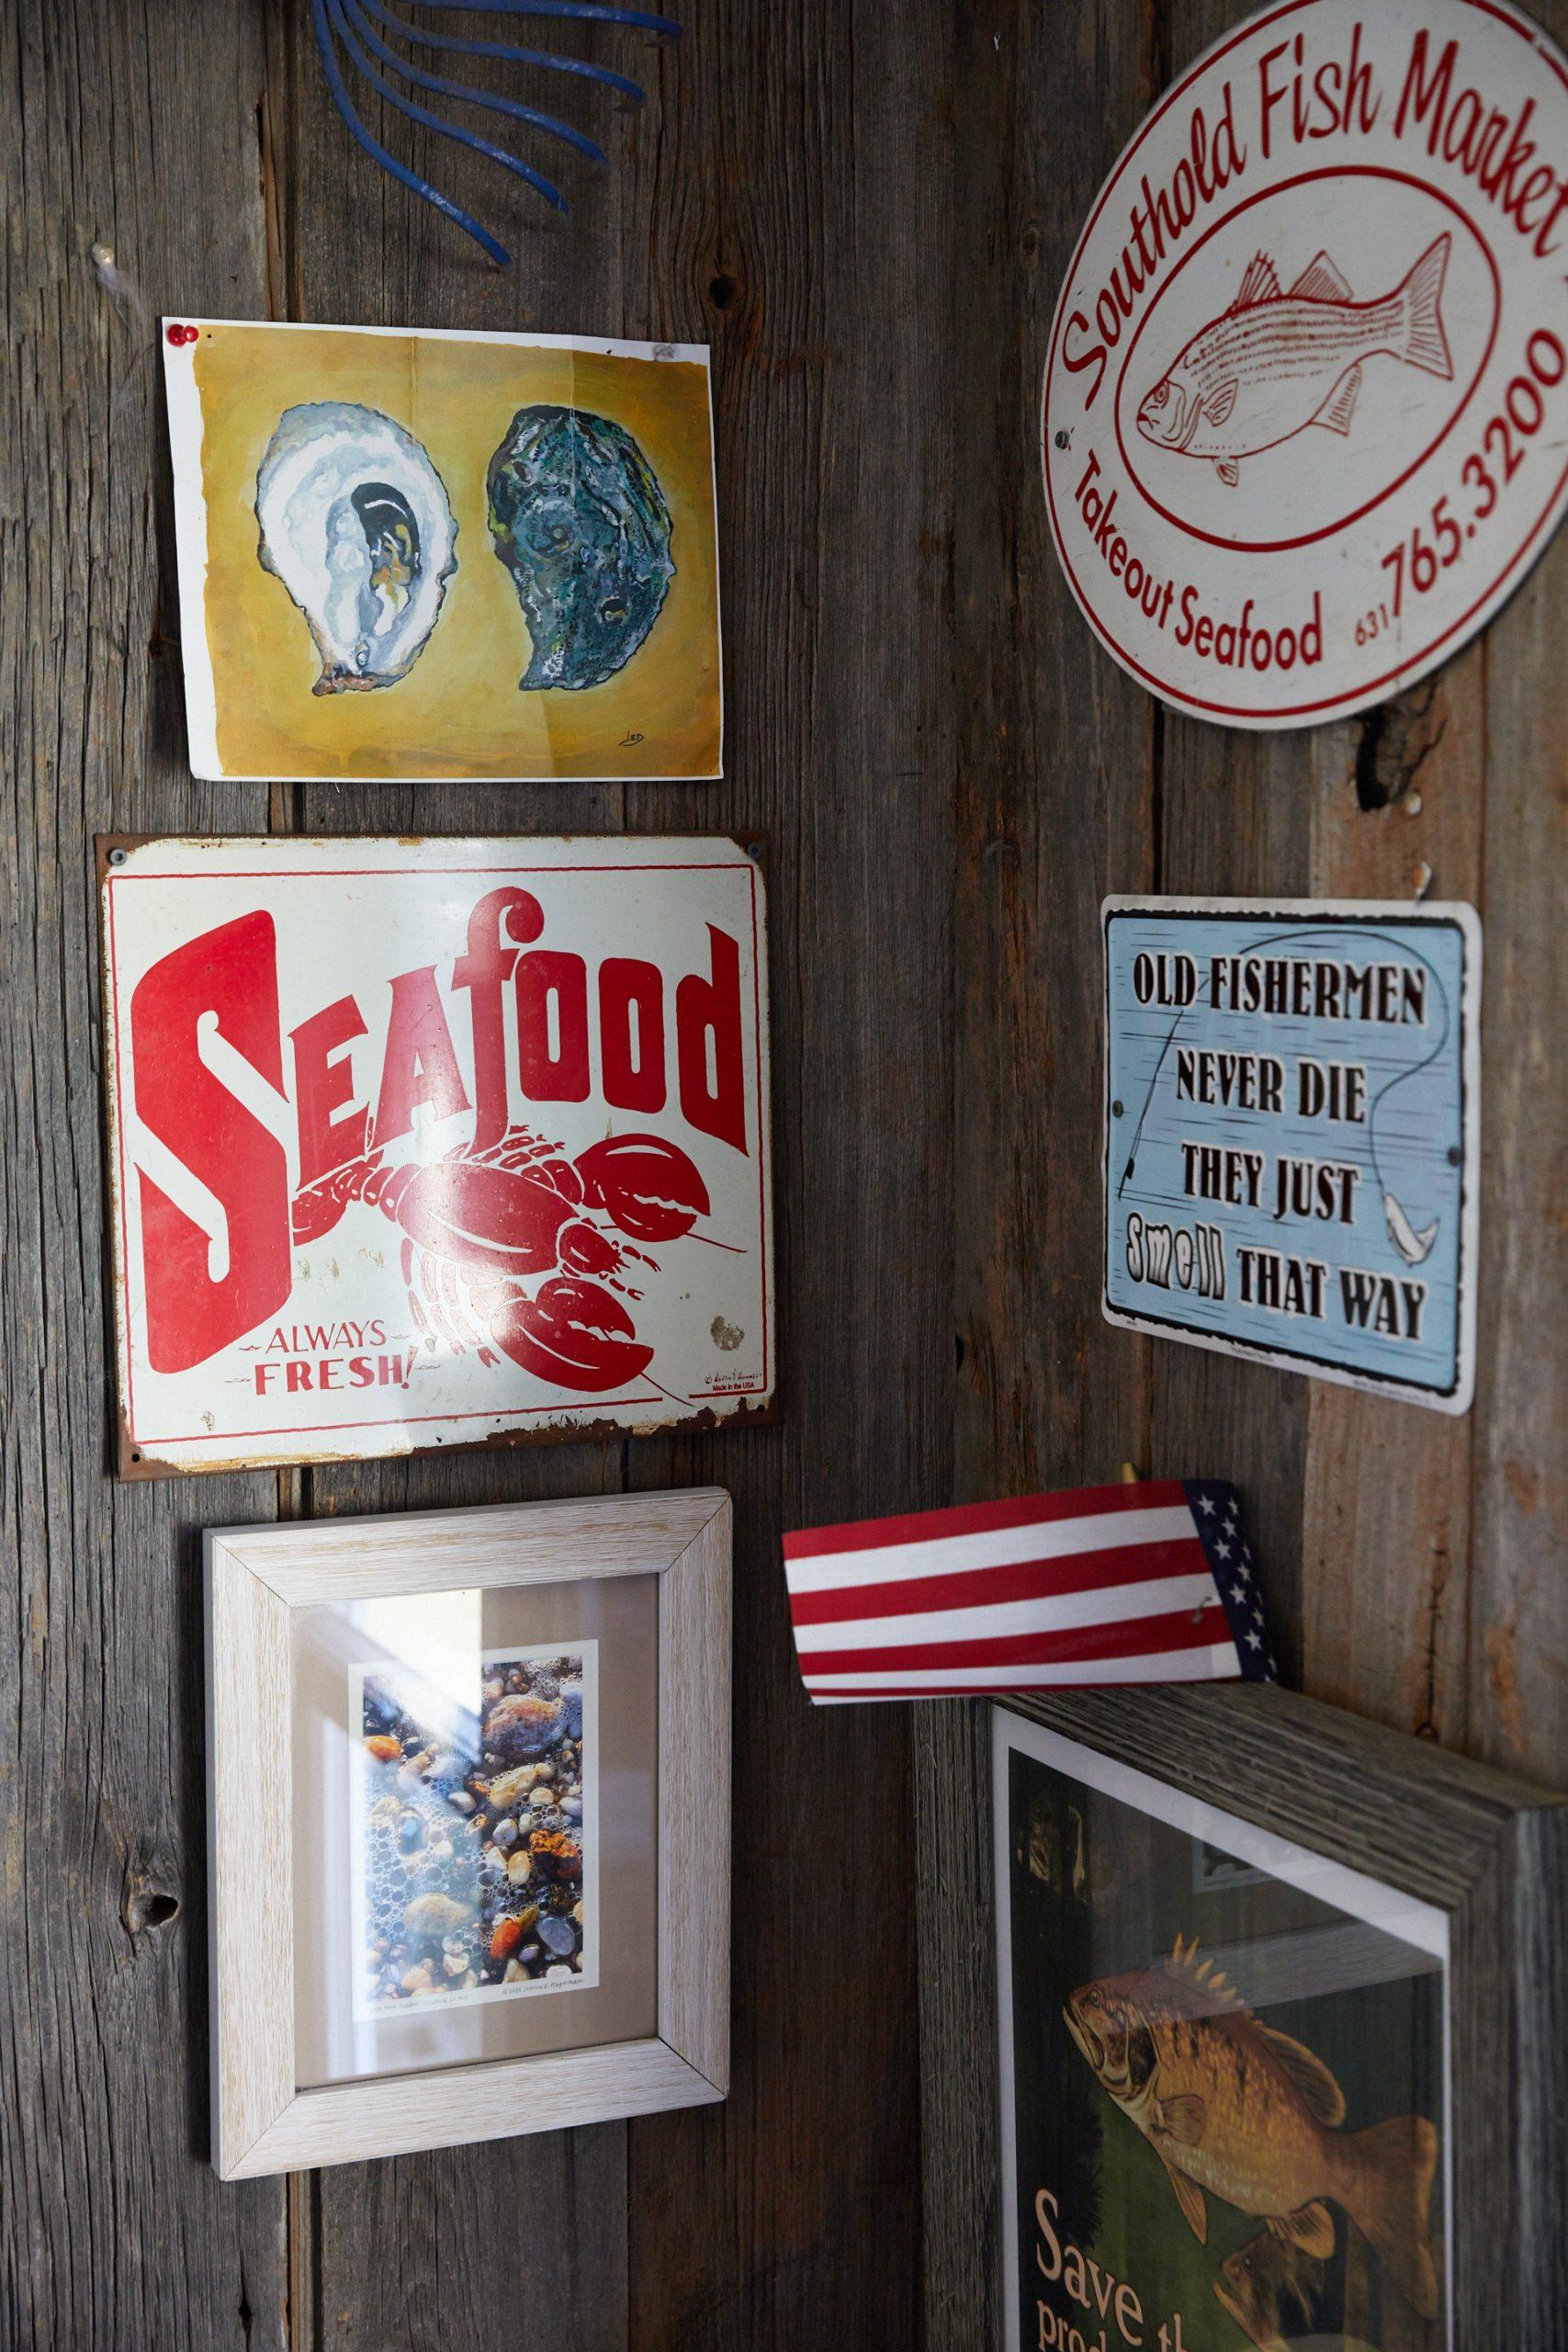 Southold Fish Market